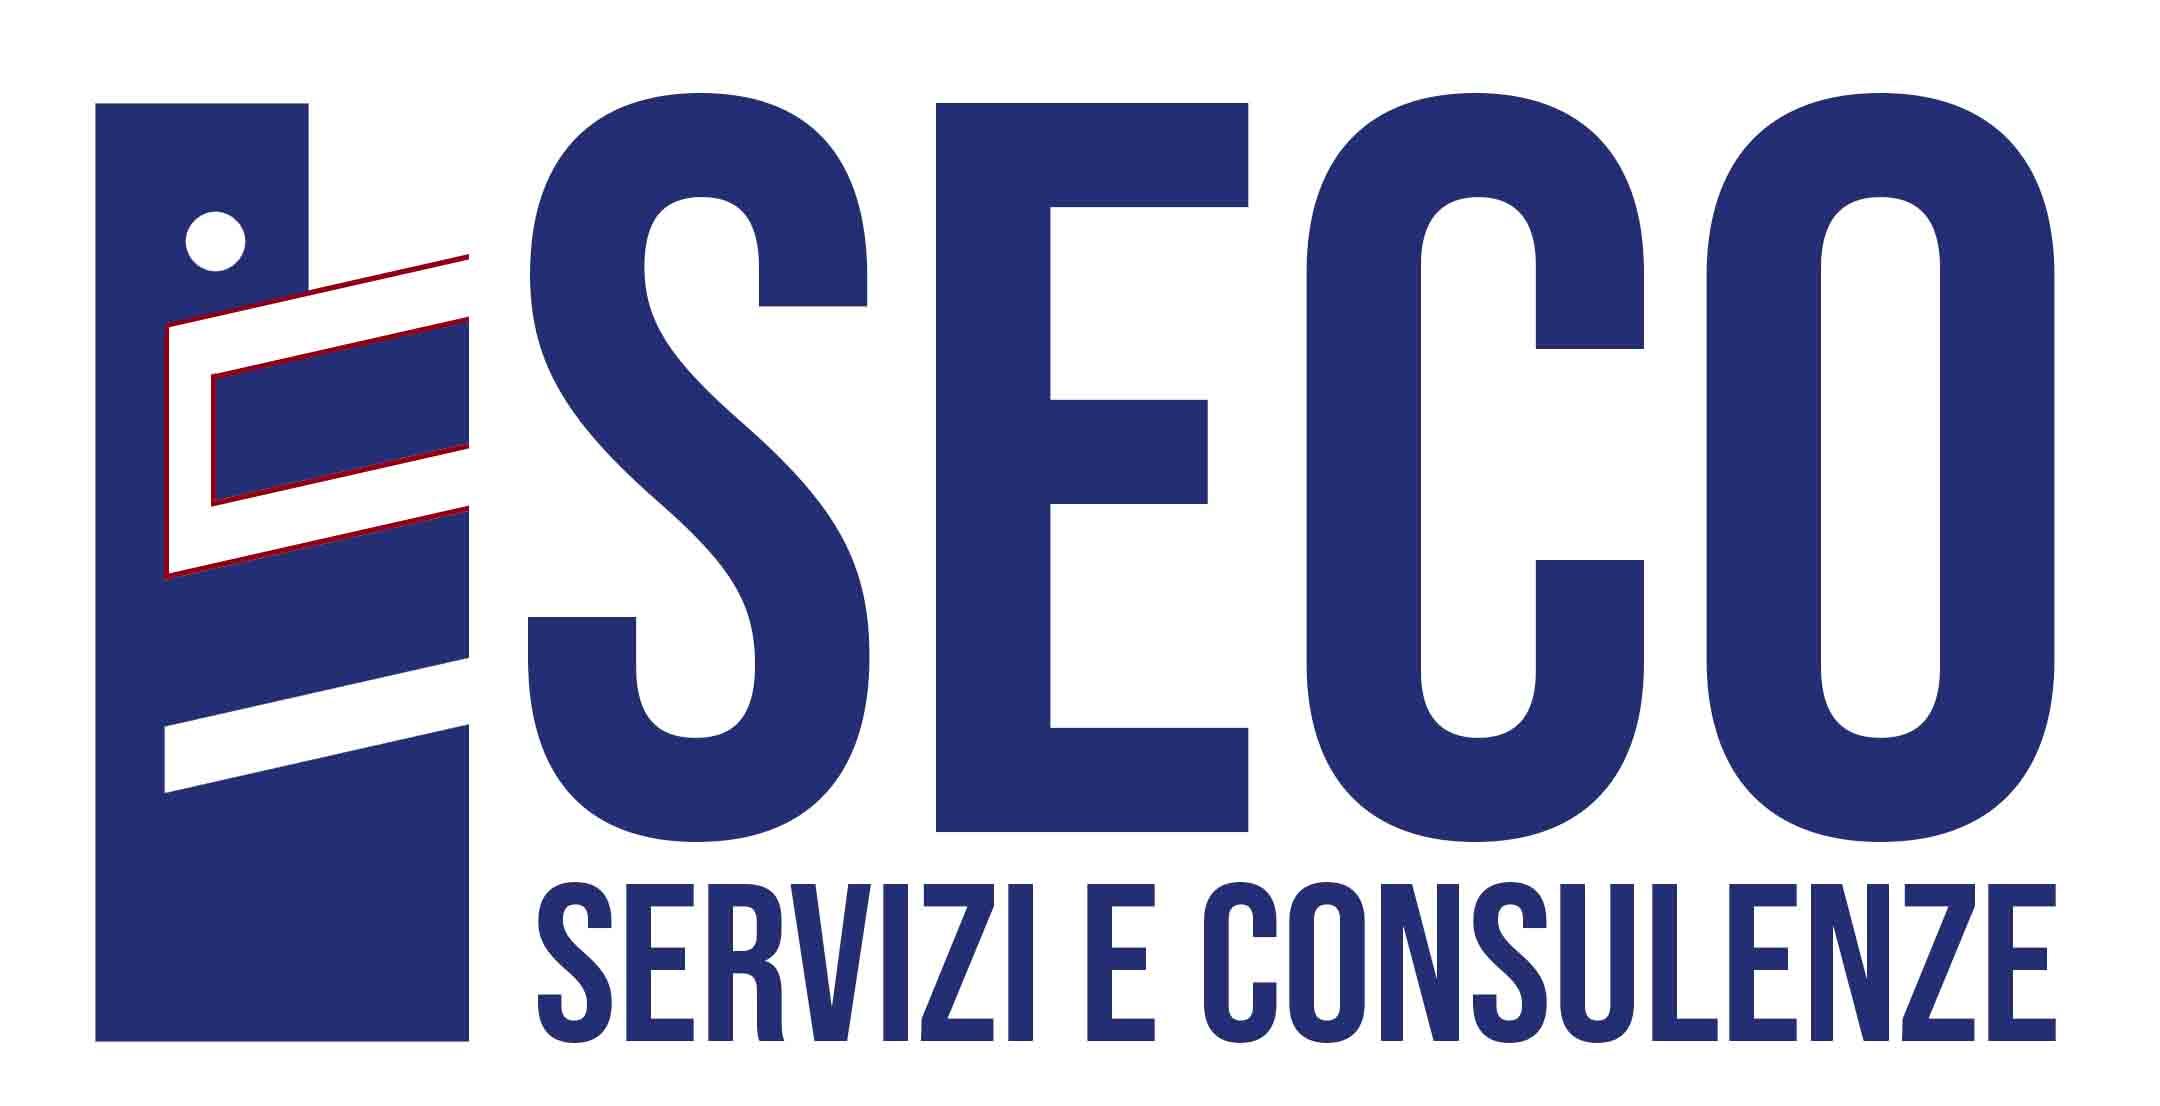 SECO Servizi e Consulenze